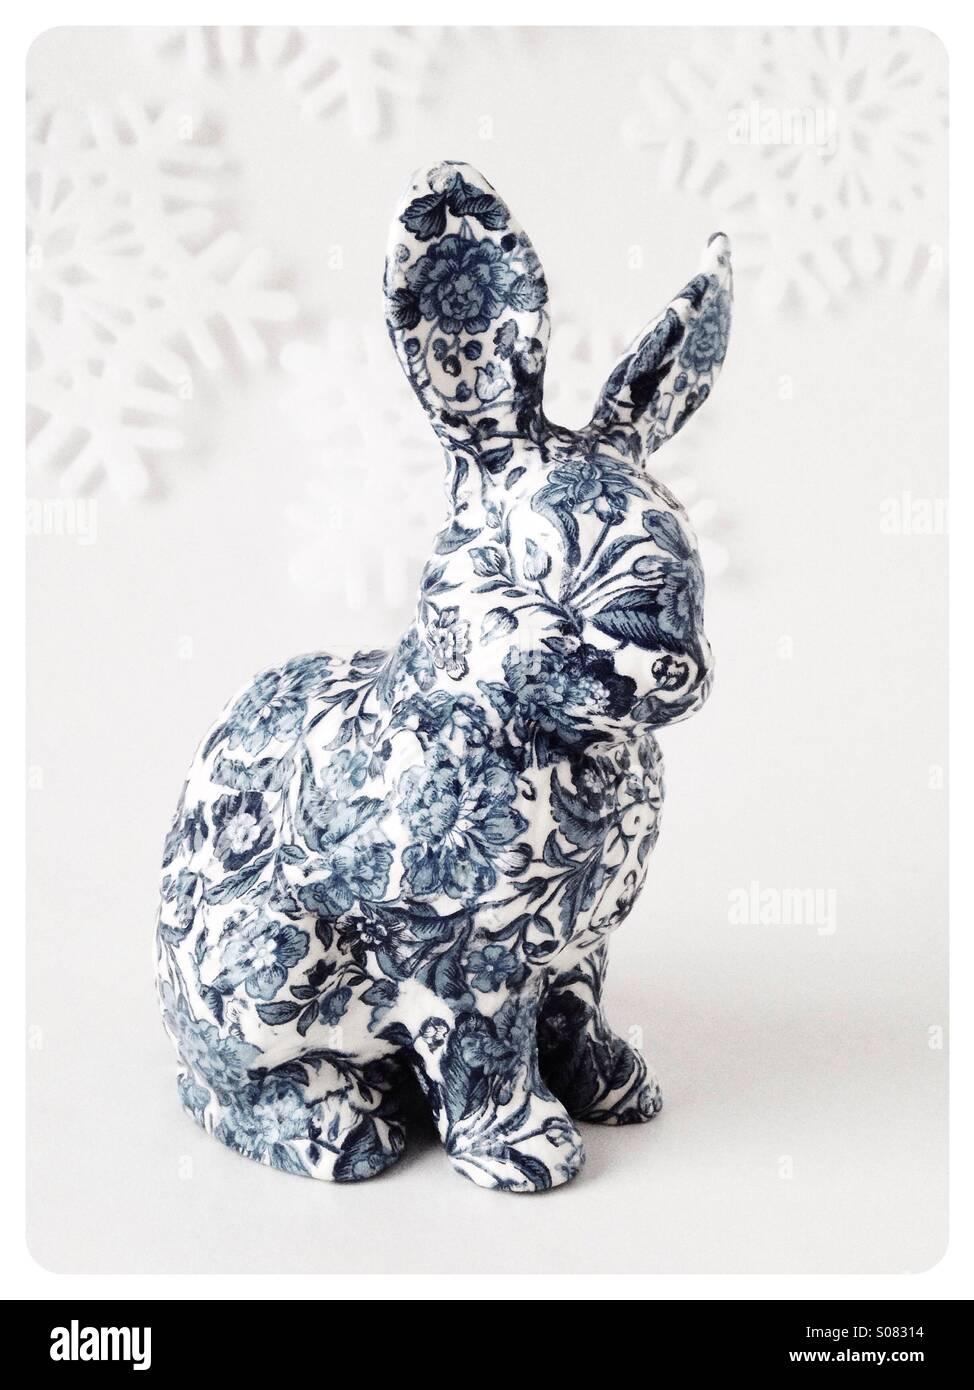 Un coniglietto figurine con un fiocco di neve sullo sfondo. Immagini Stock